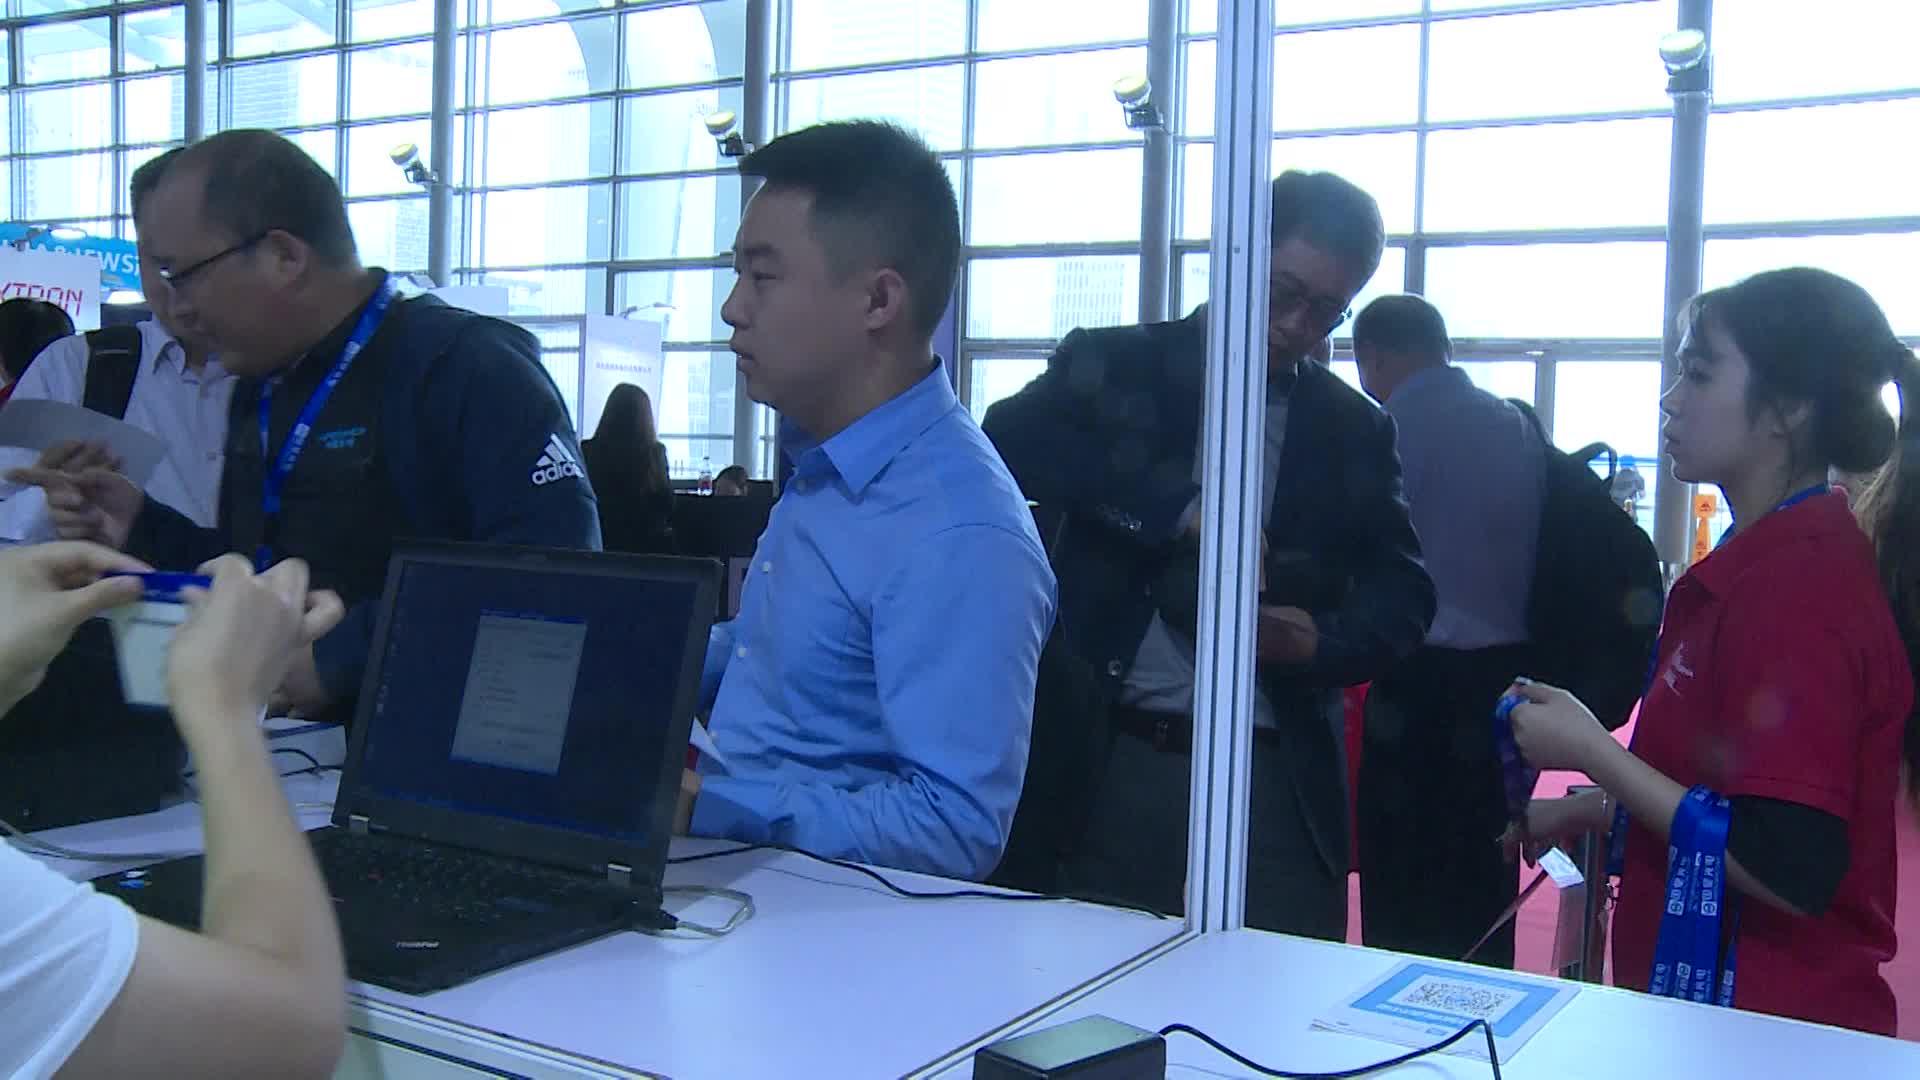 第十五届中国国际半导体照明论坛暨2018国际第三代半导体论坛盛大召开